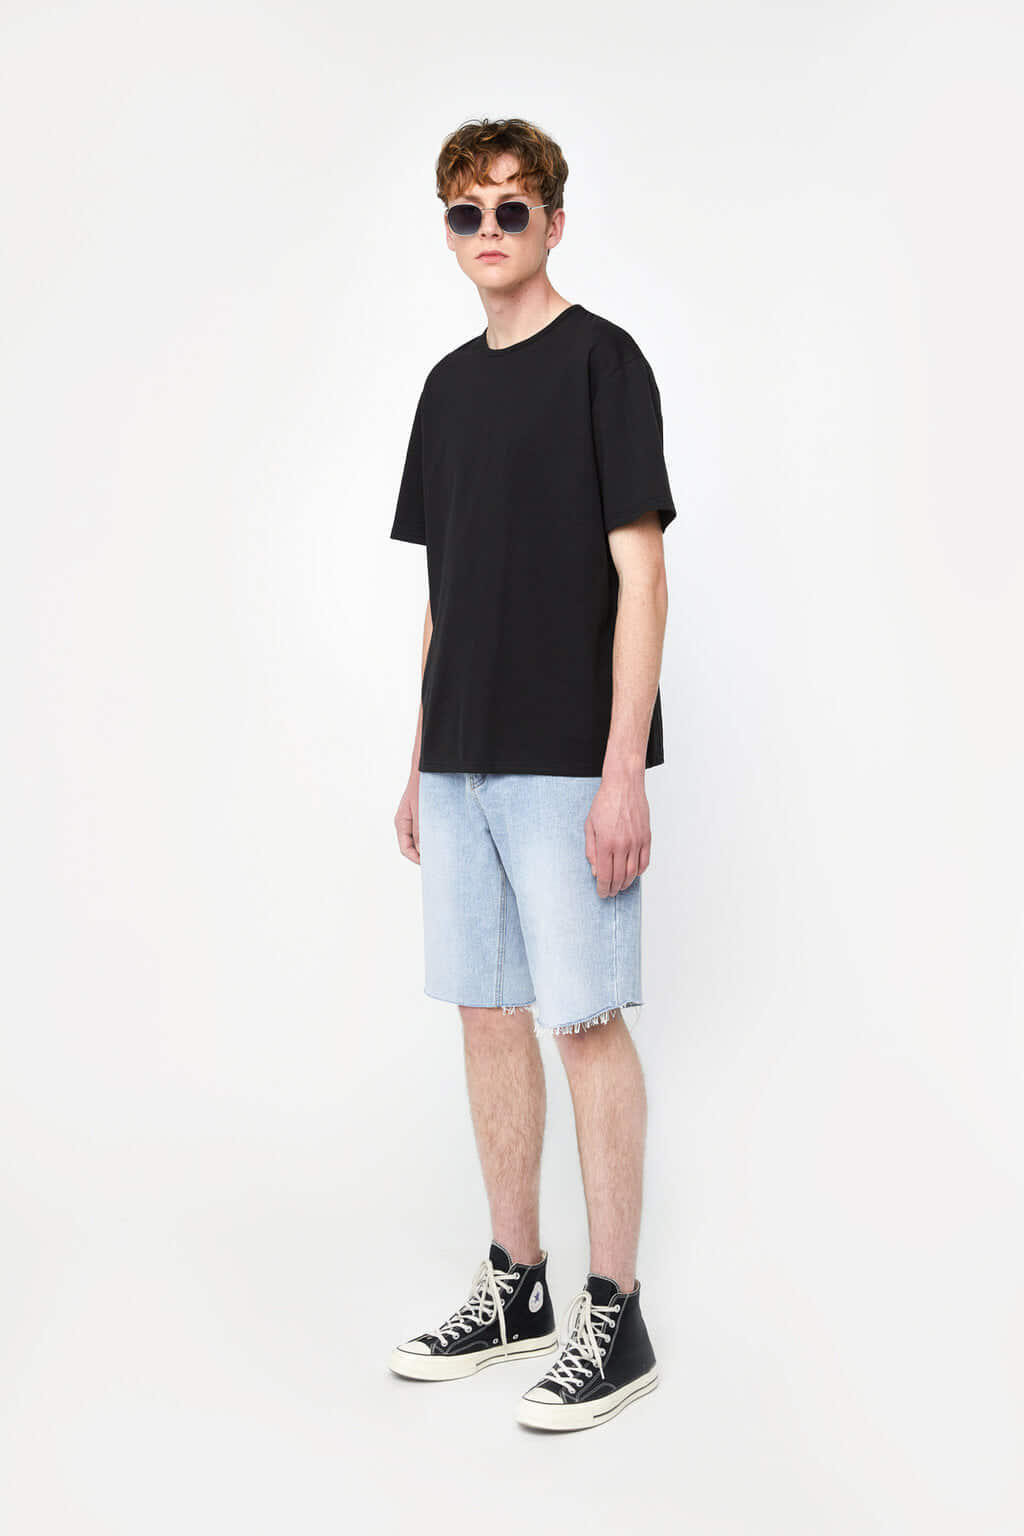 TShirt K011M Black 7